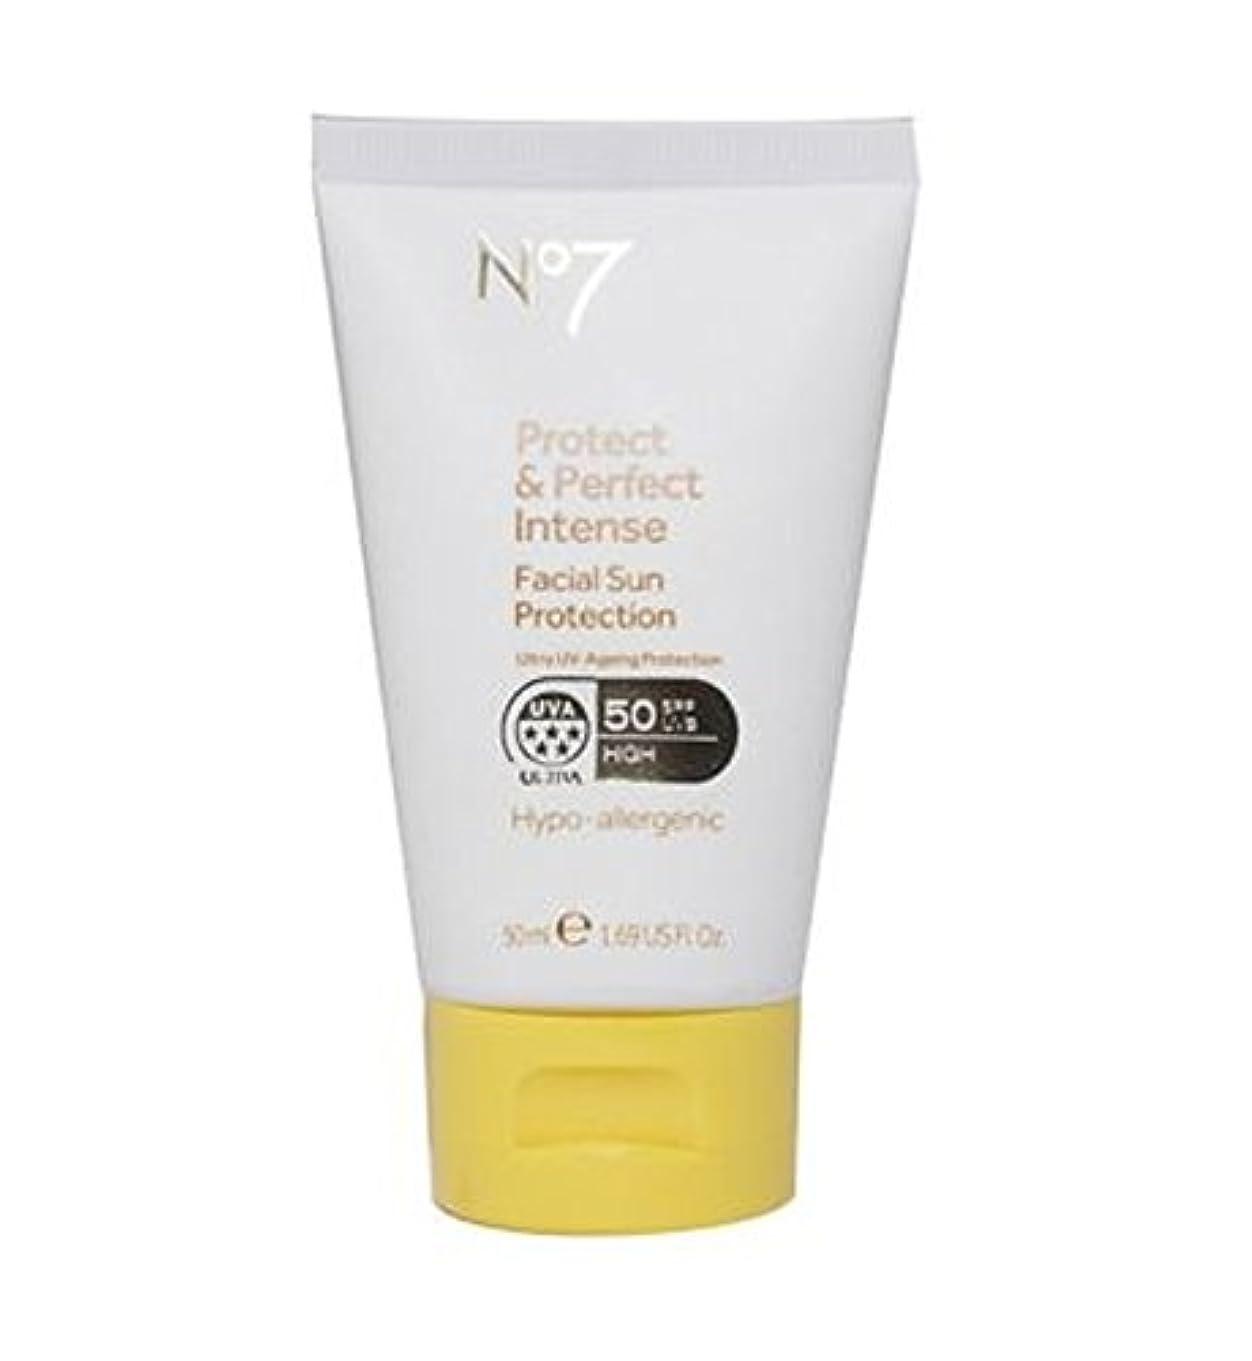 伝統的ラック高原No7保護&完璧な強烈な顔の日焼け防止Spf 50 50ミリリットル (No7) (x2) - No7 Protect & Perfect Intense Facial Sun Protection SPF 50 50ml...